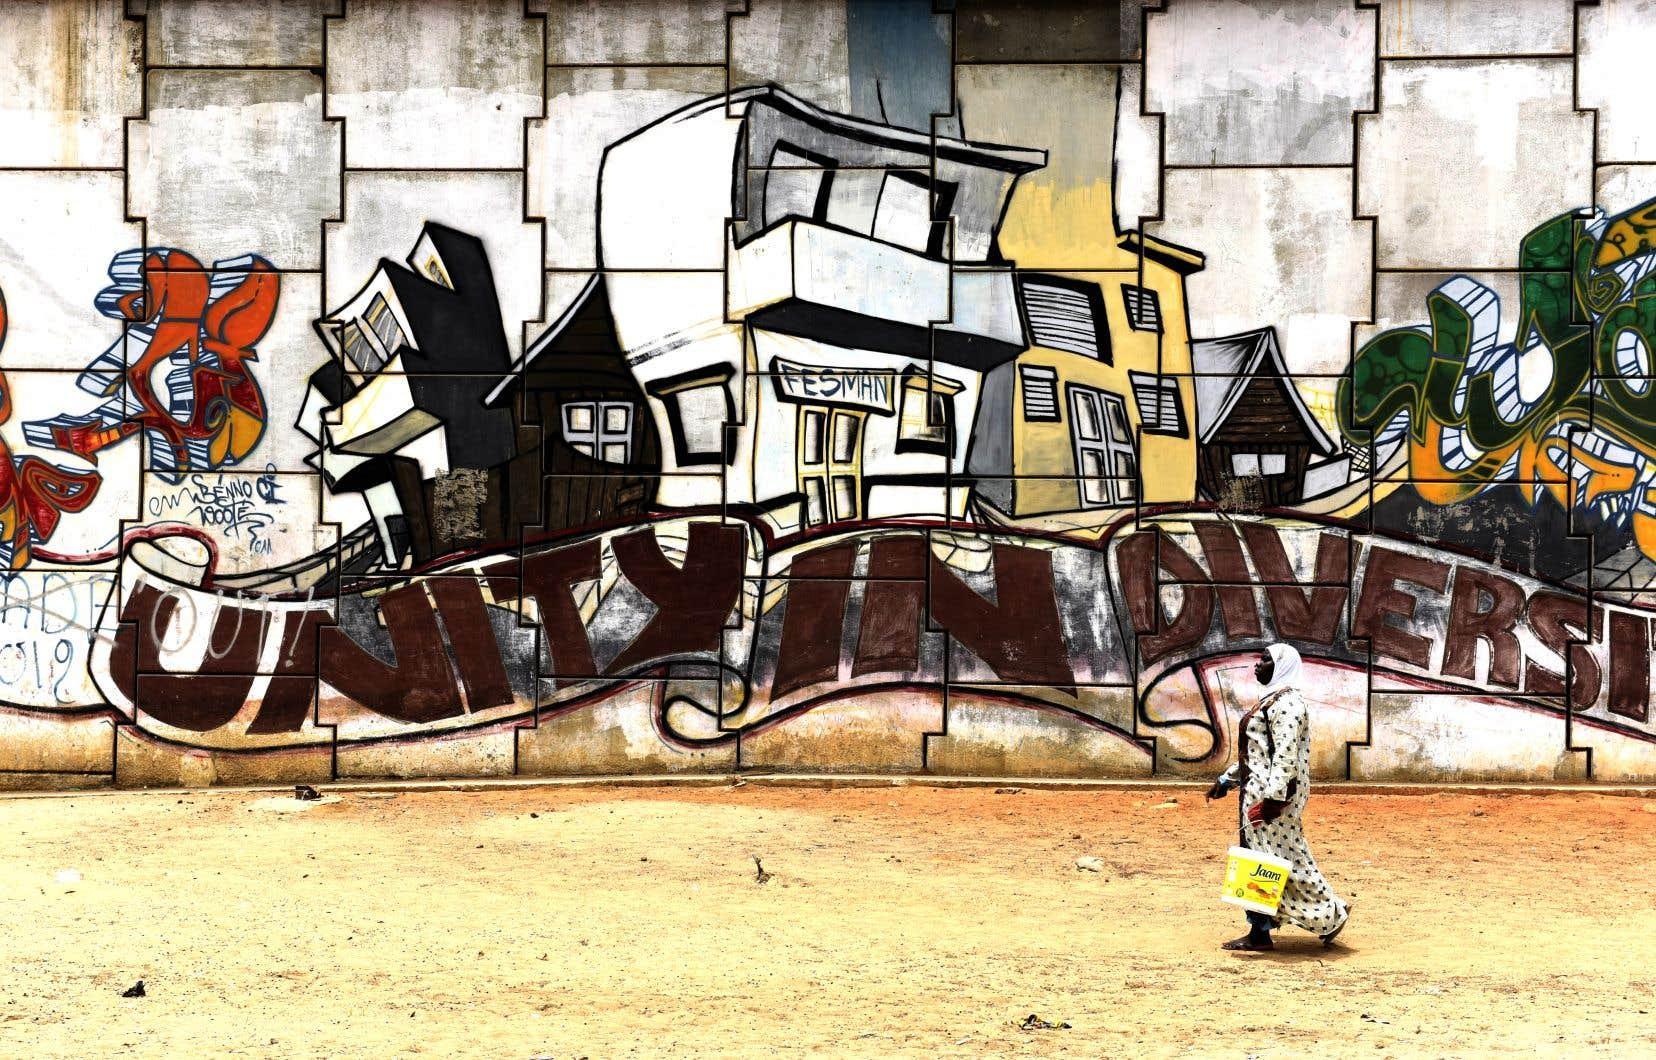 Une peinture murale à Dakar. Le Sénégal cultive avec fierté son modèle de tolérance depuis son indépendance, acquise en 1960.